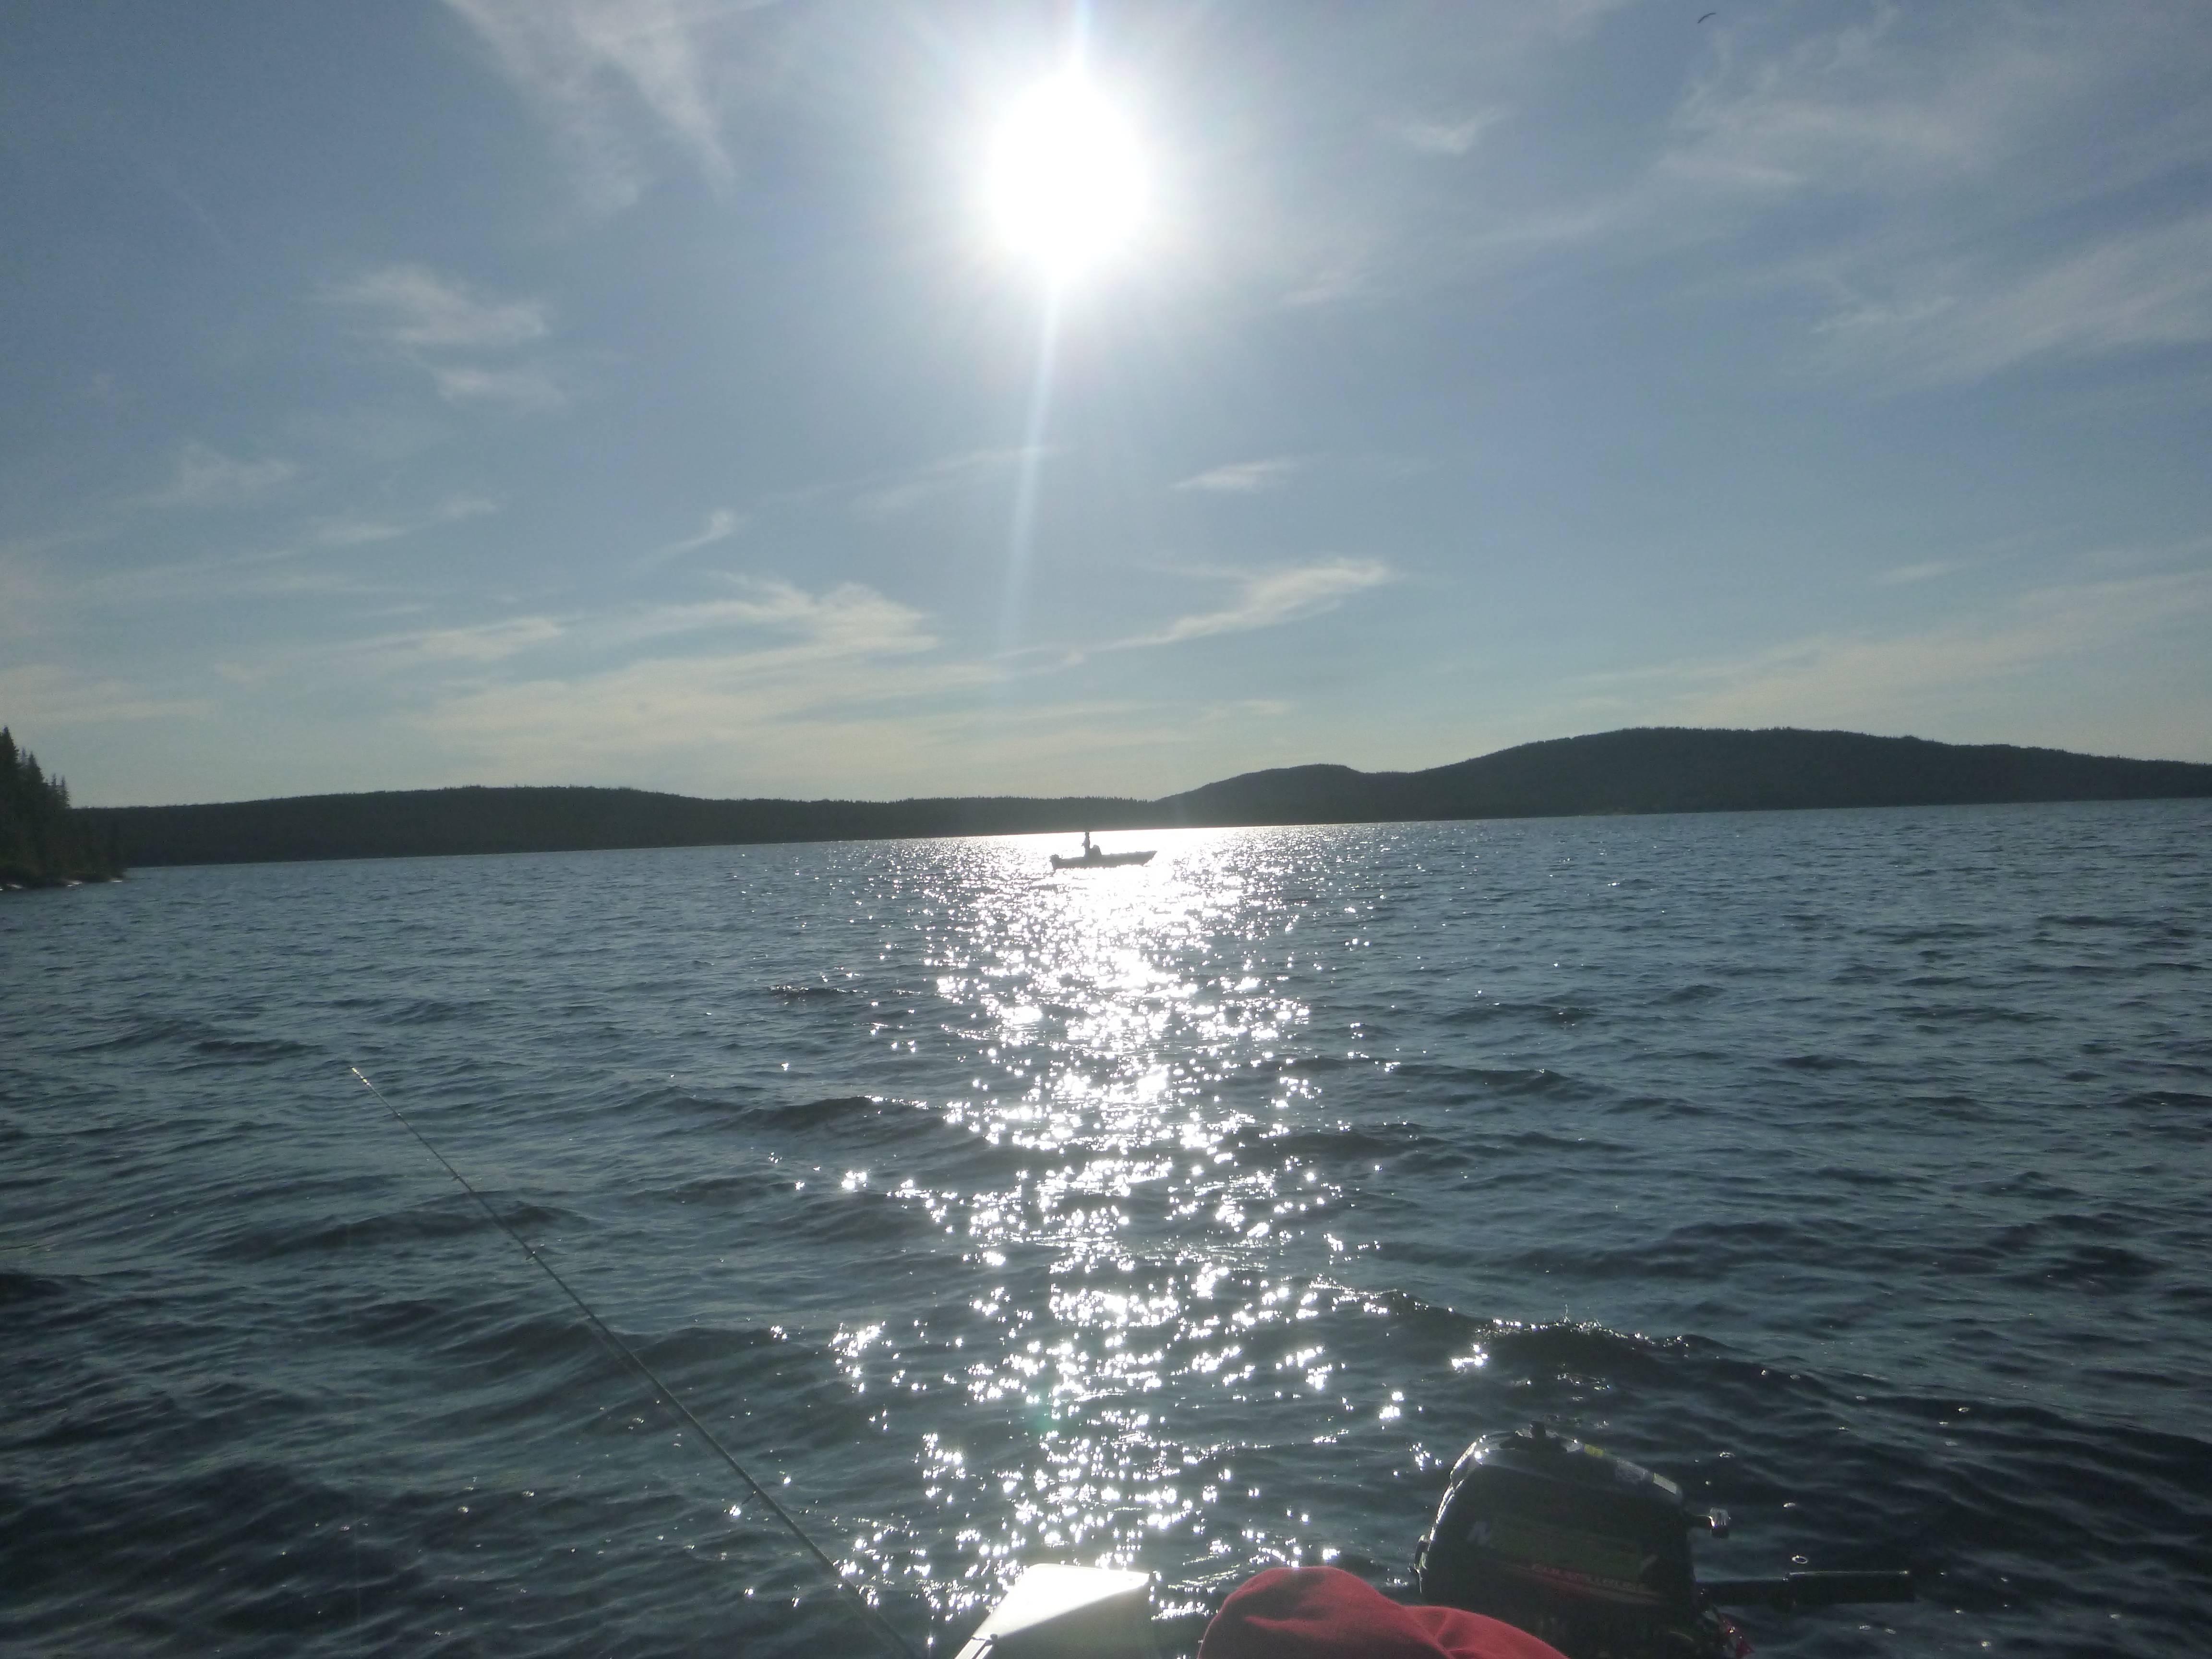 Photo 2: Pêche sur le Lac Pikauba, réserve des Laurentides